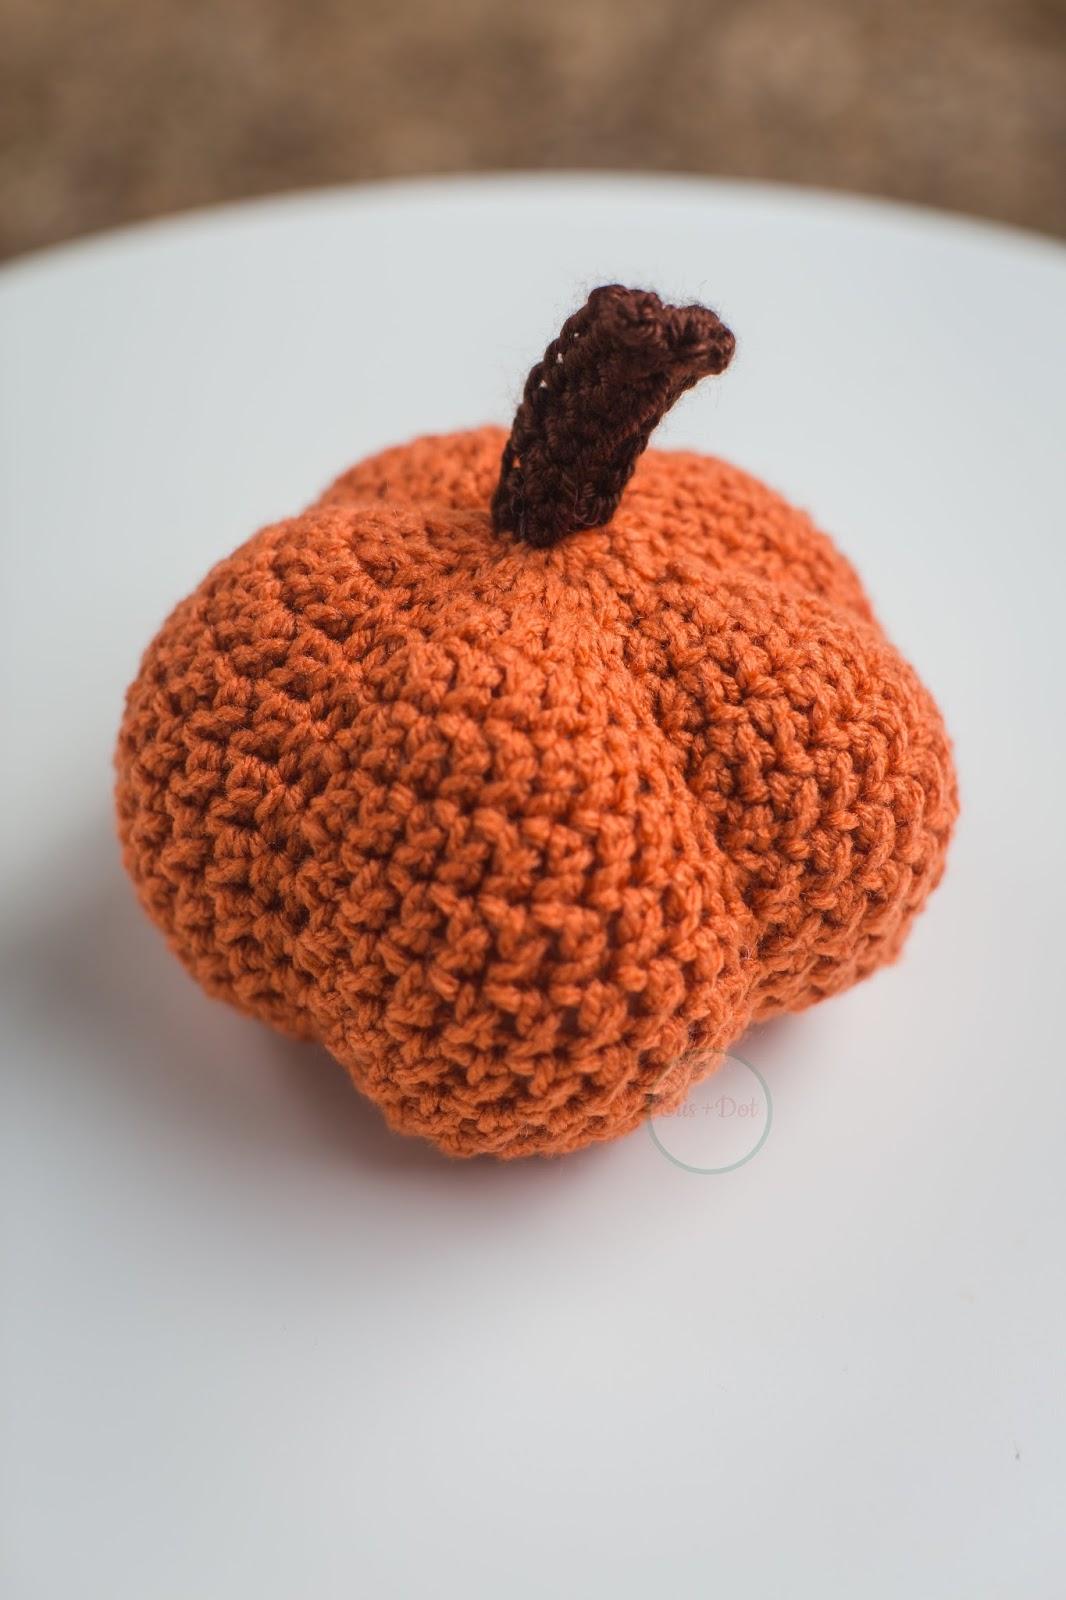 Small Crochet Pumpkin, Stuffed Pumpkin, Rustic, Home Decor, Fall, Autumn, Nature Inspired, Halloween, Thanksgiving, Housewarming, Gift